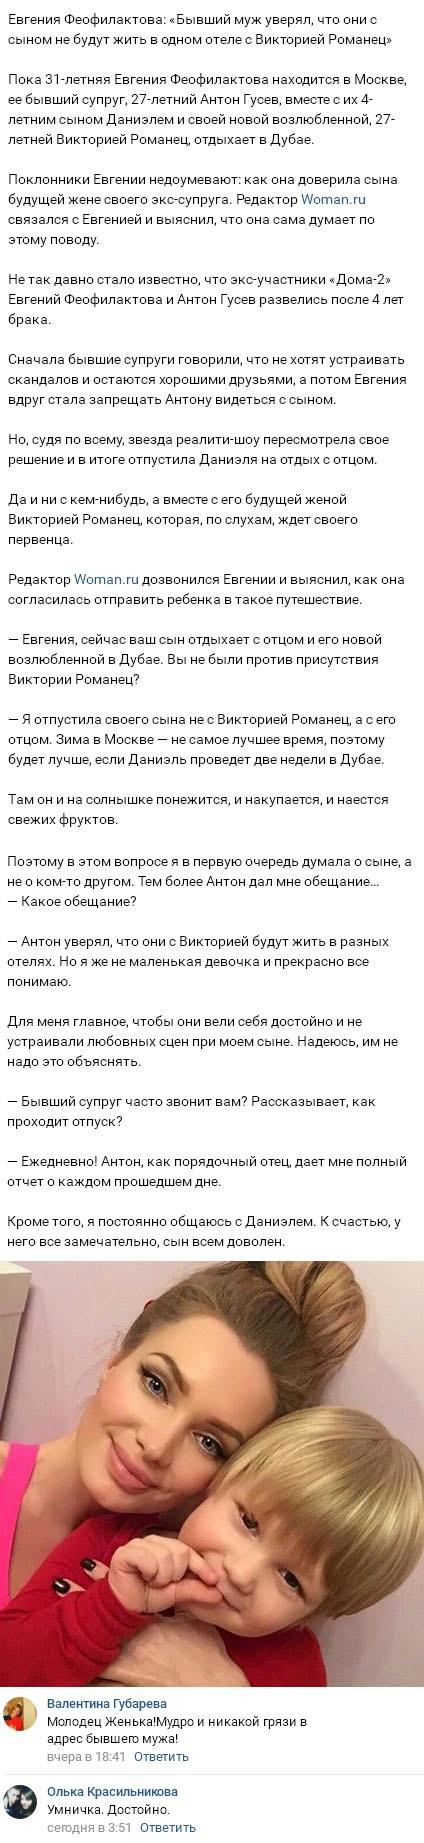 Евгения Феофилактова рассказала как её обманул Антон Гусев